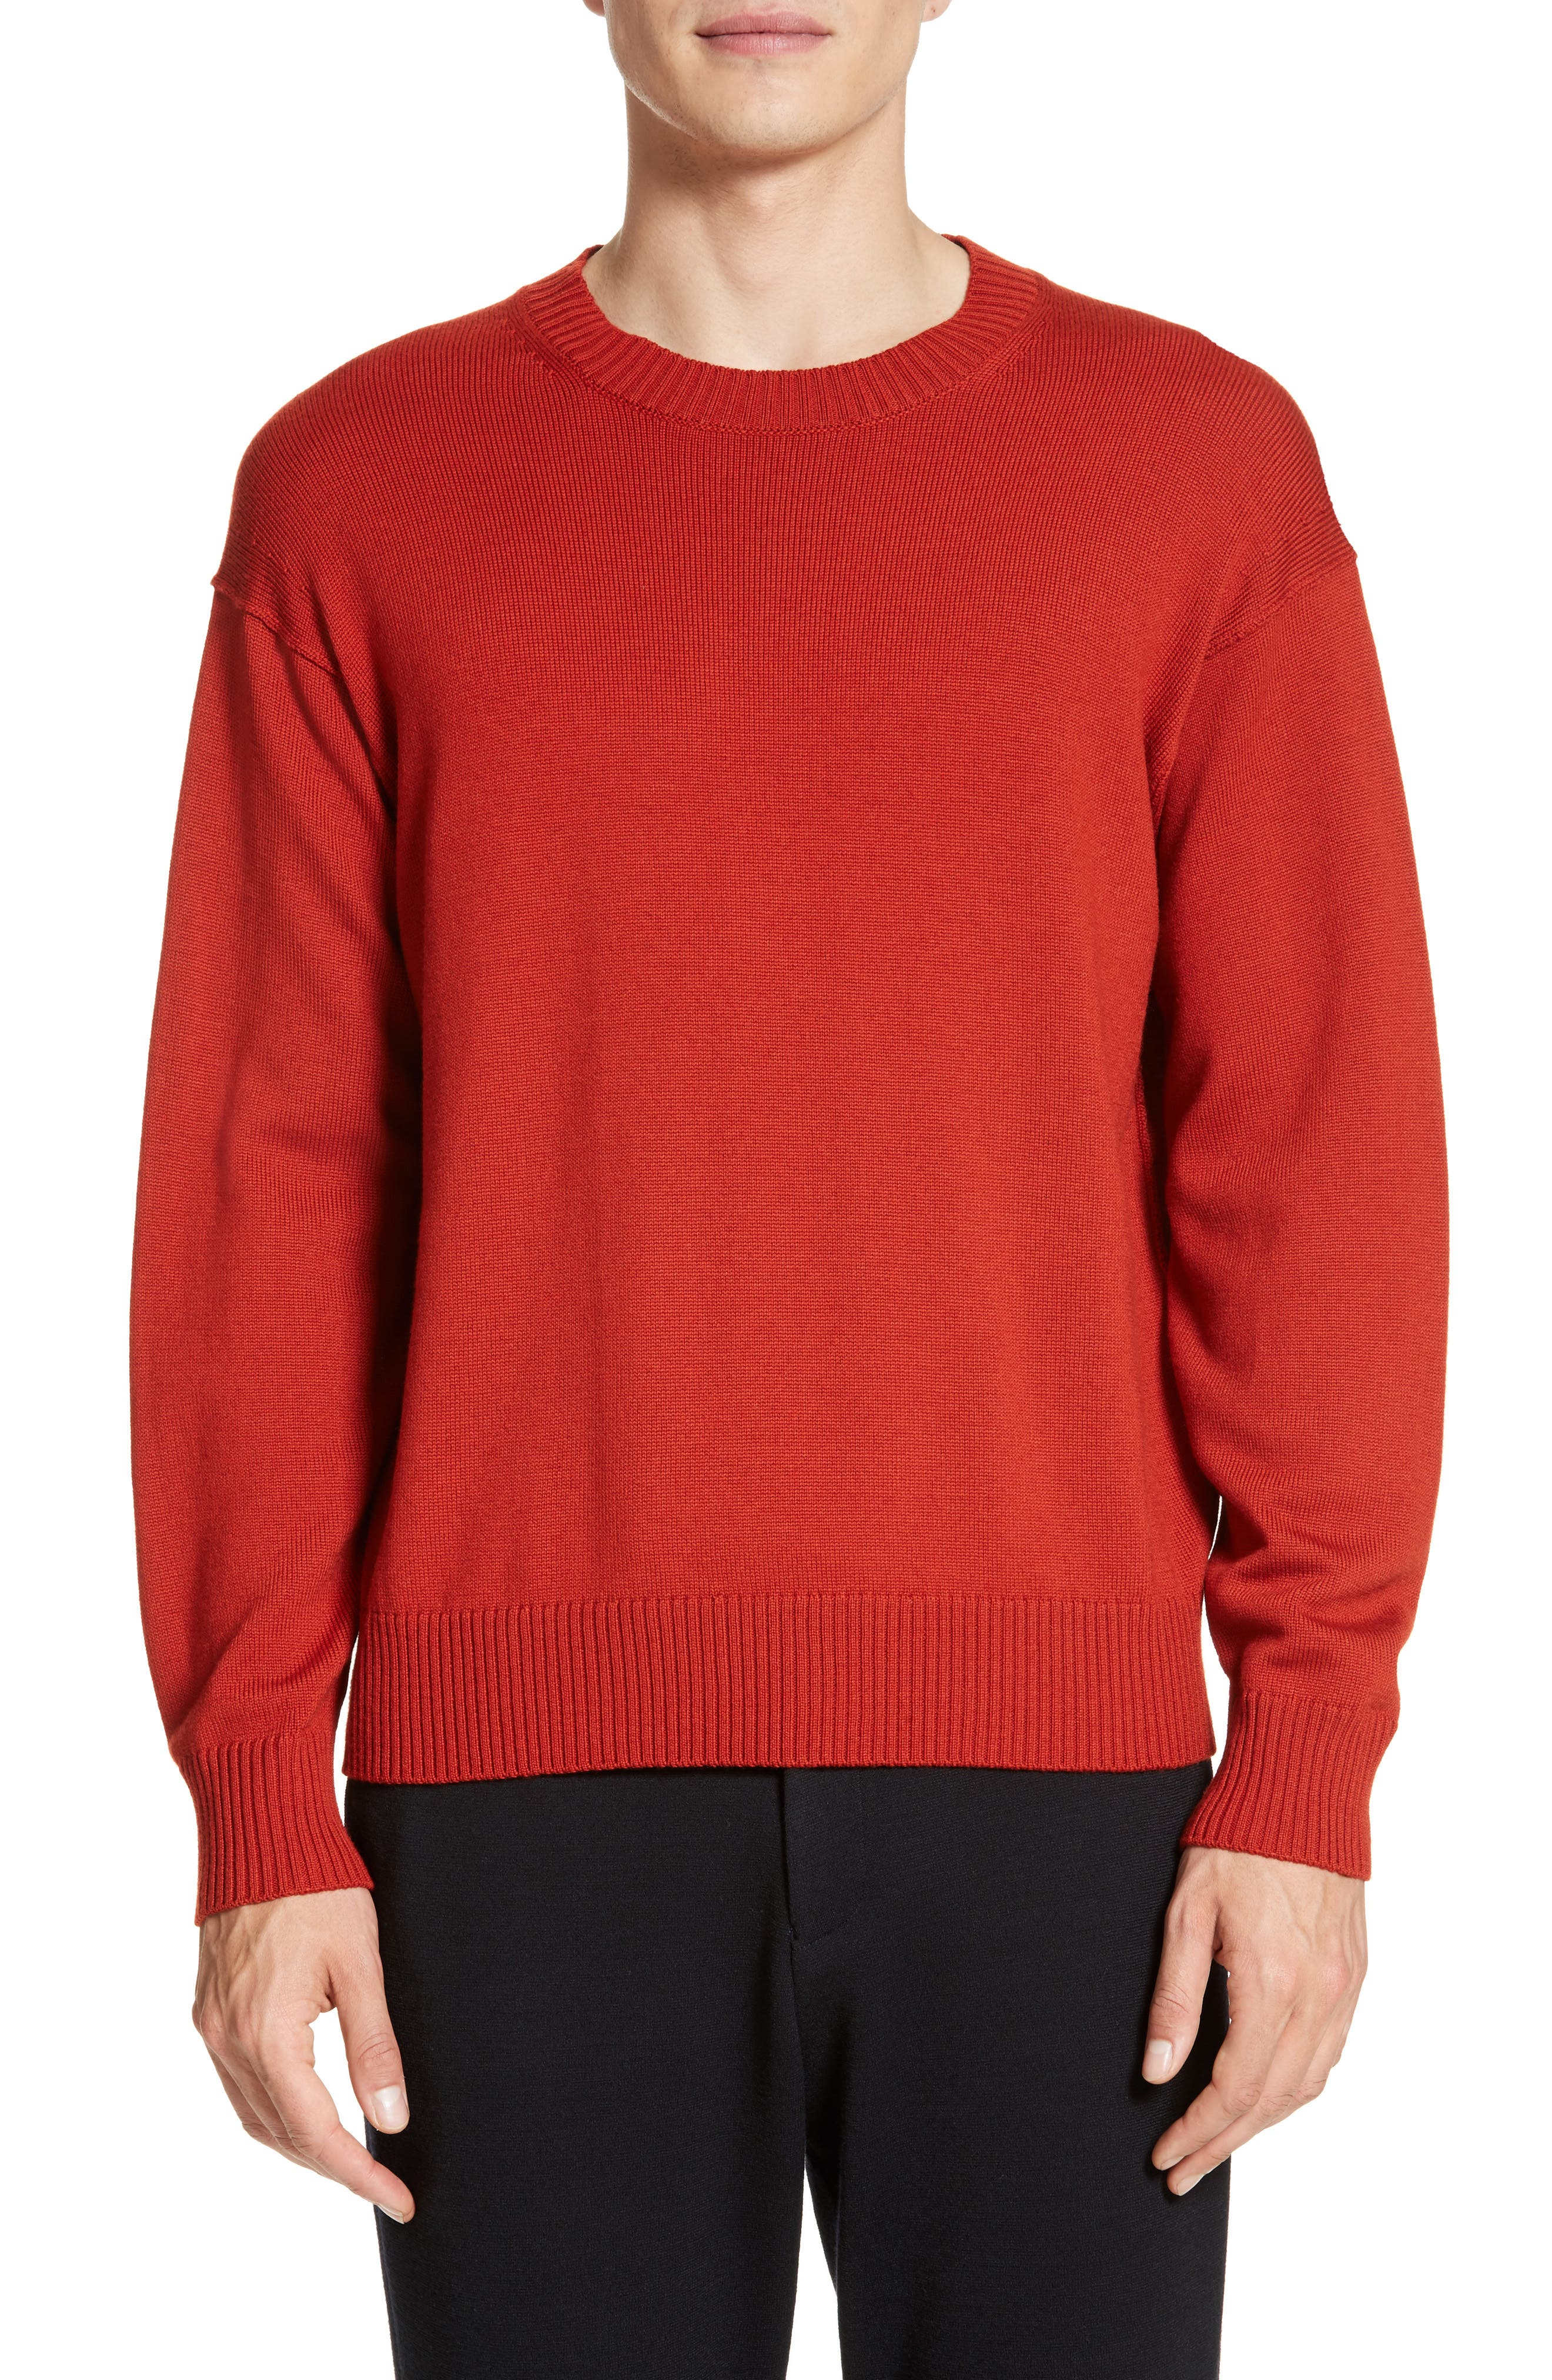 Main Image - Tomorrowland Merino Sweater